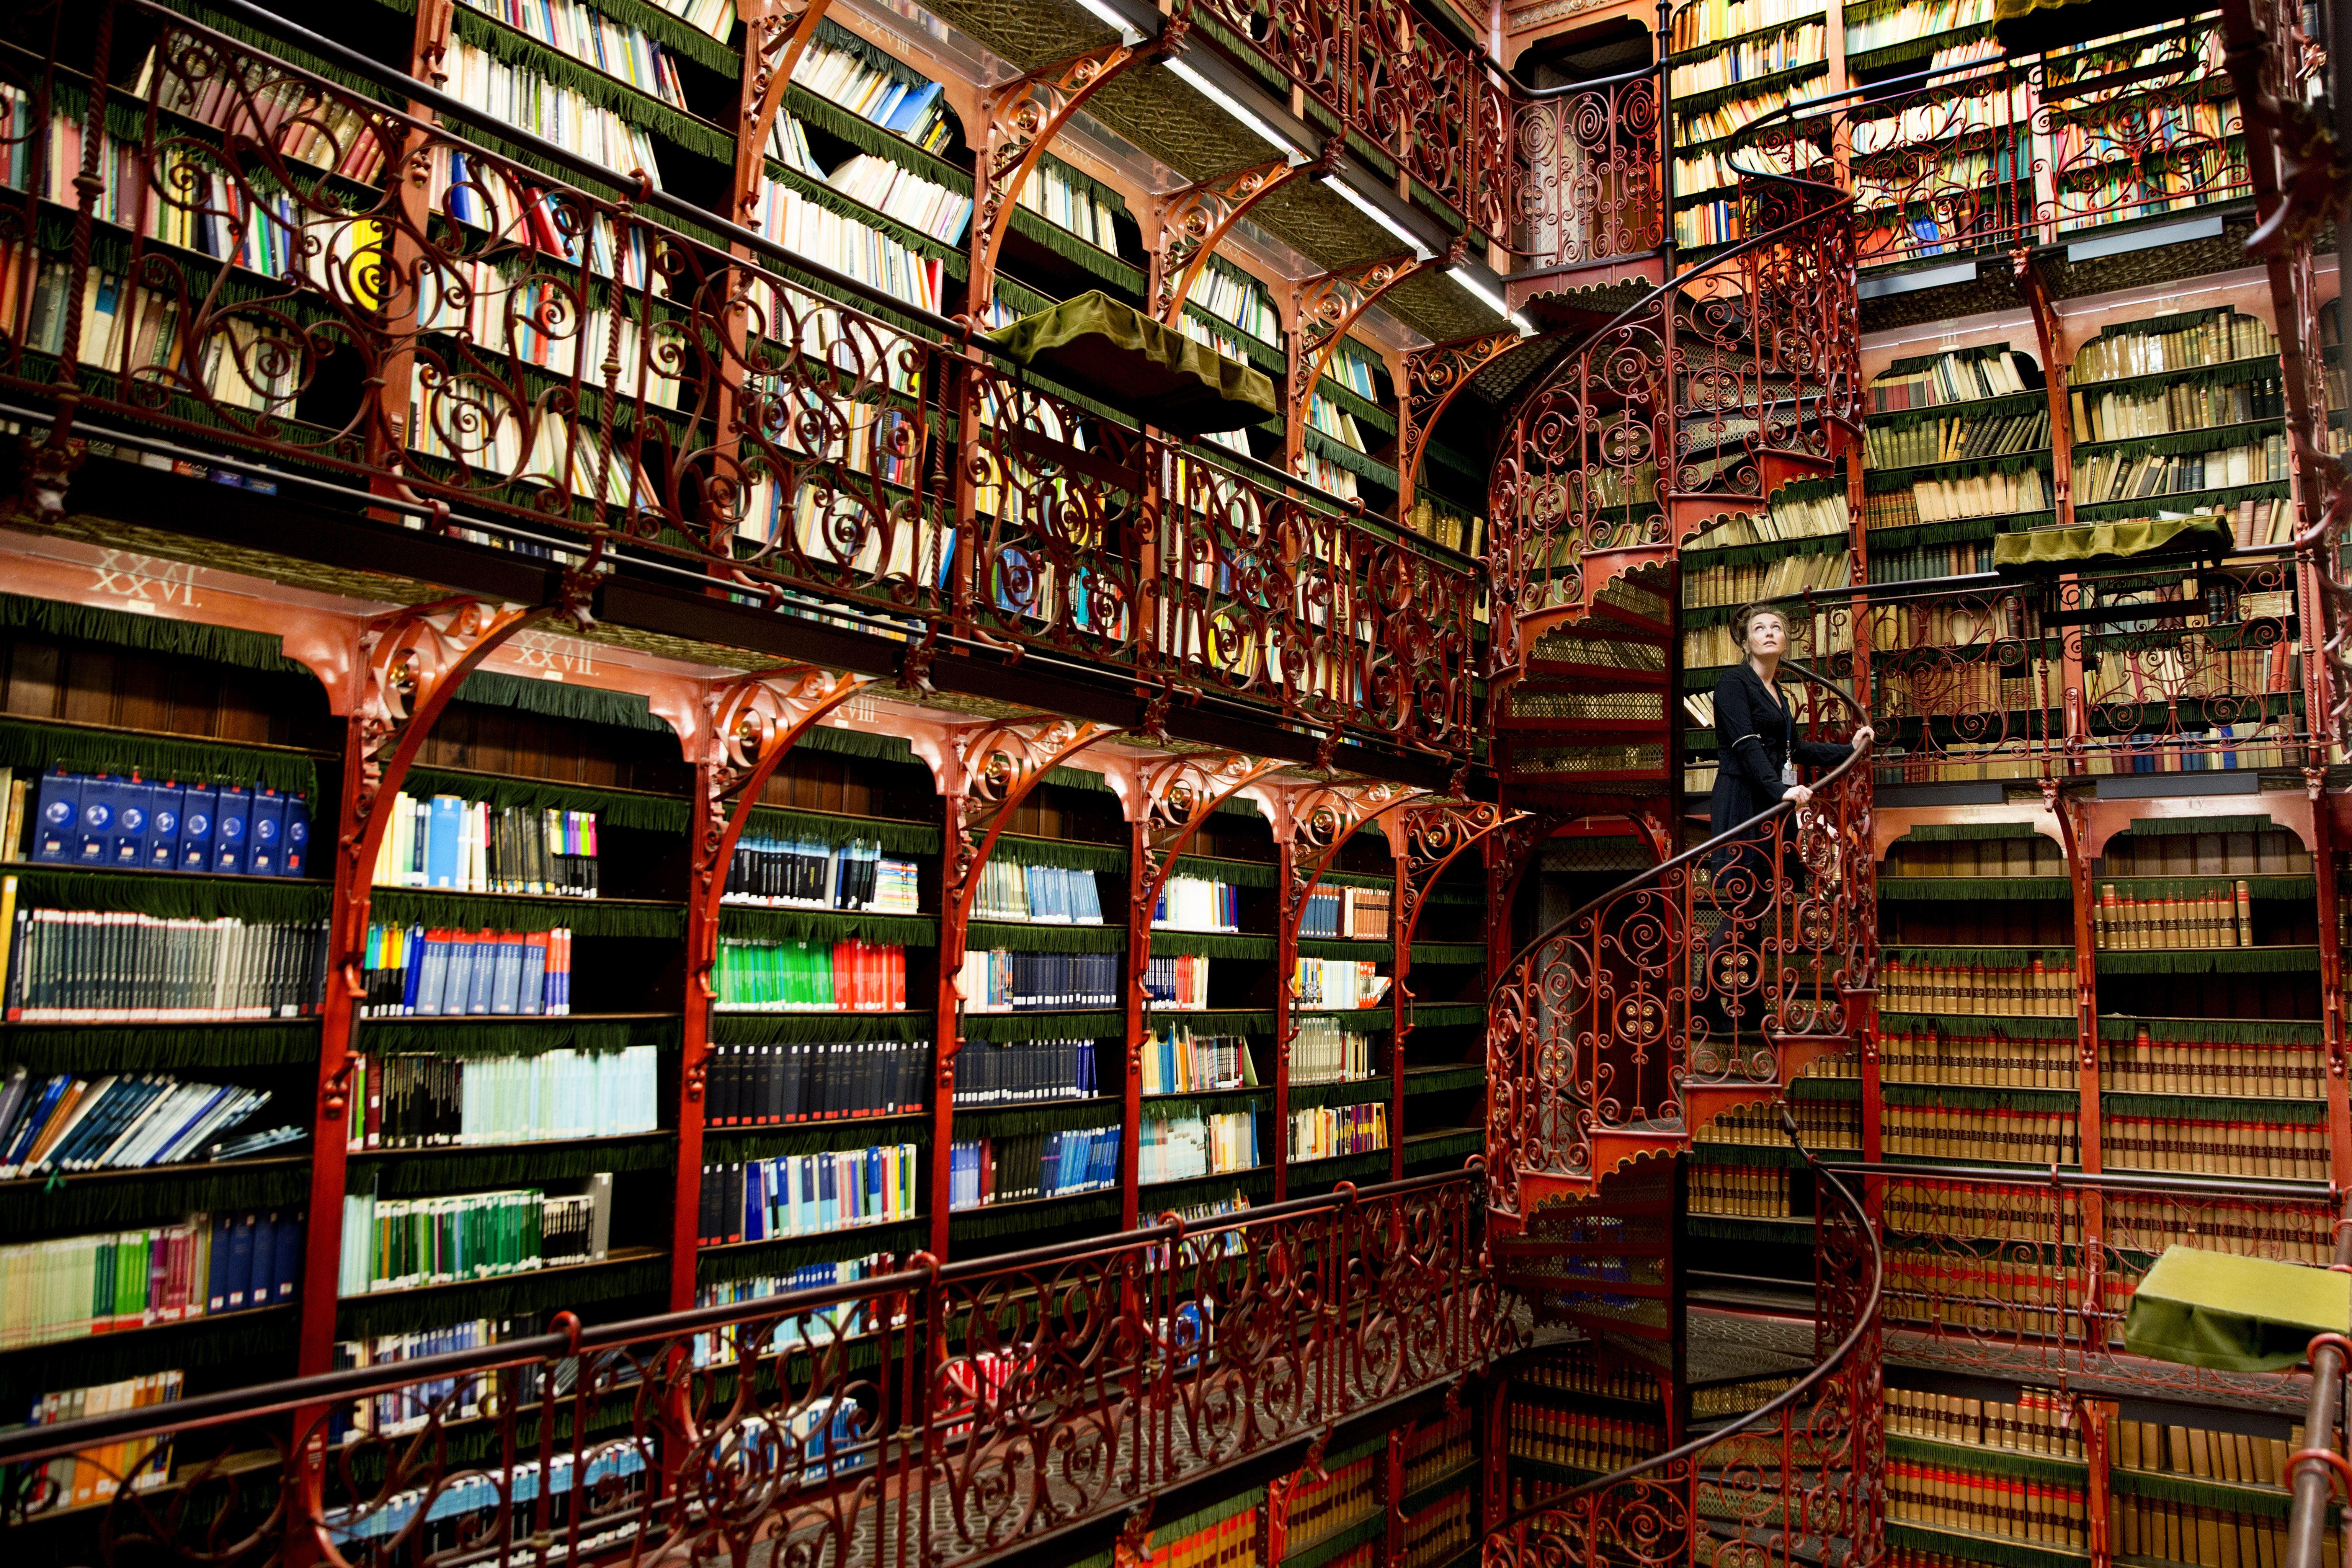 De Bibliotheek Kamer : File handelingenkamer bibliotheek binnenhof g wikimedia commons